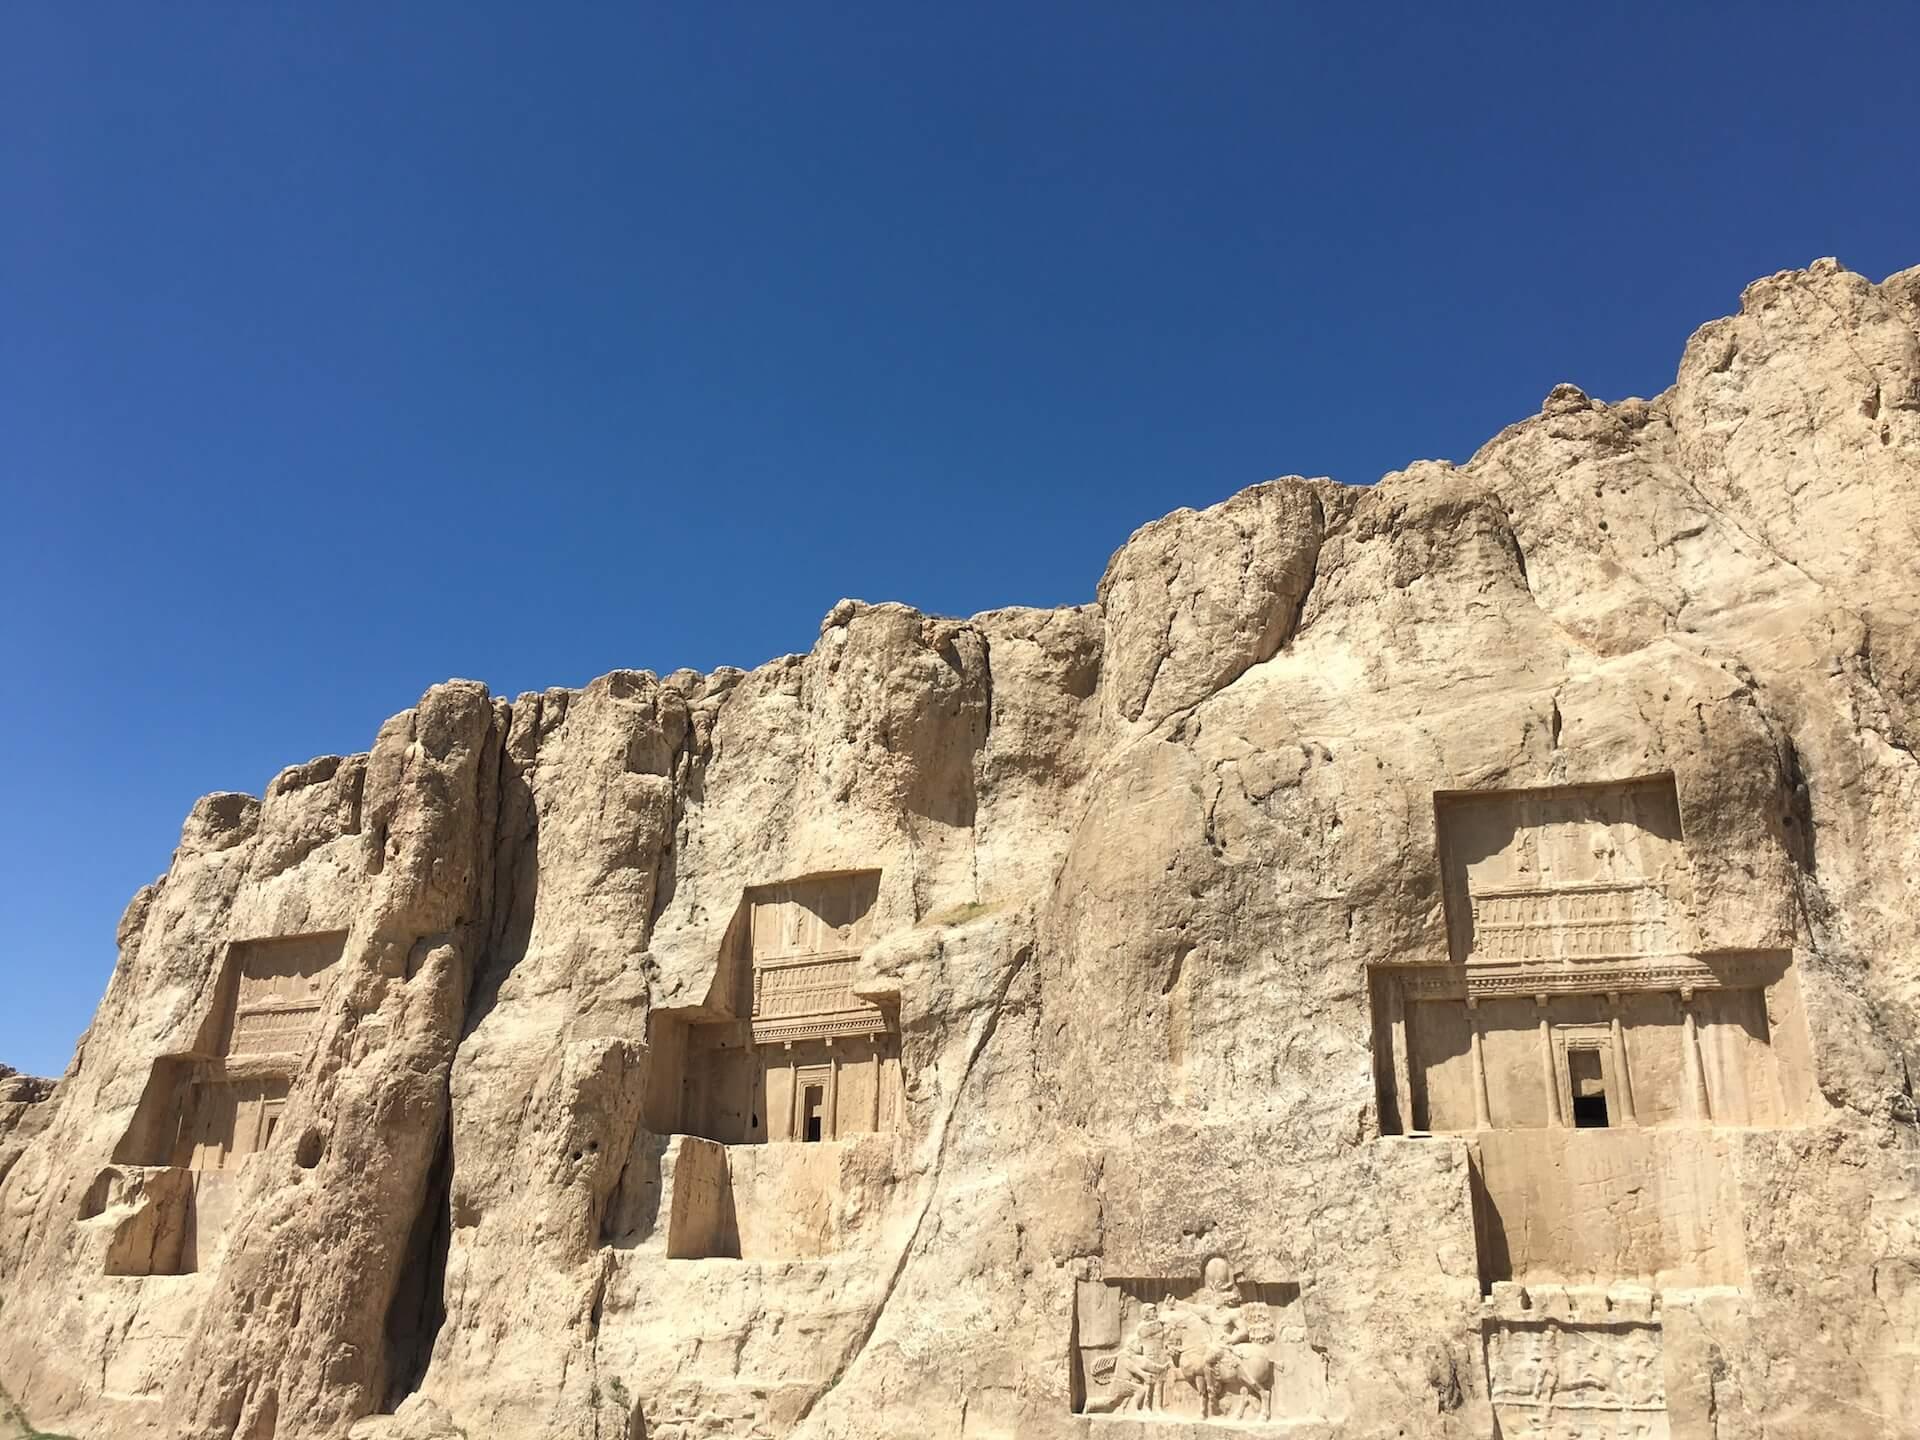 Drie tombes van Naqsh-e-Rostam, het Necropolis, bij Persepolis in Iran